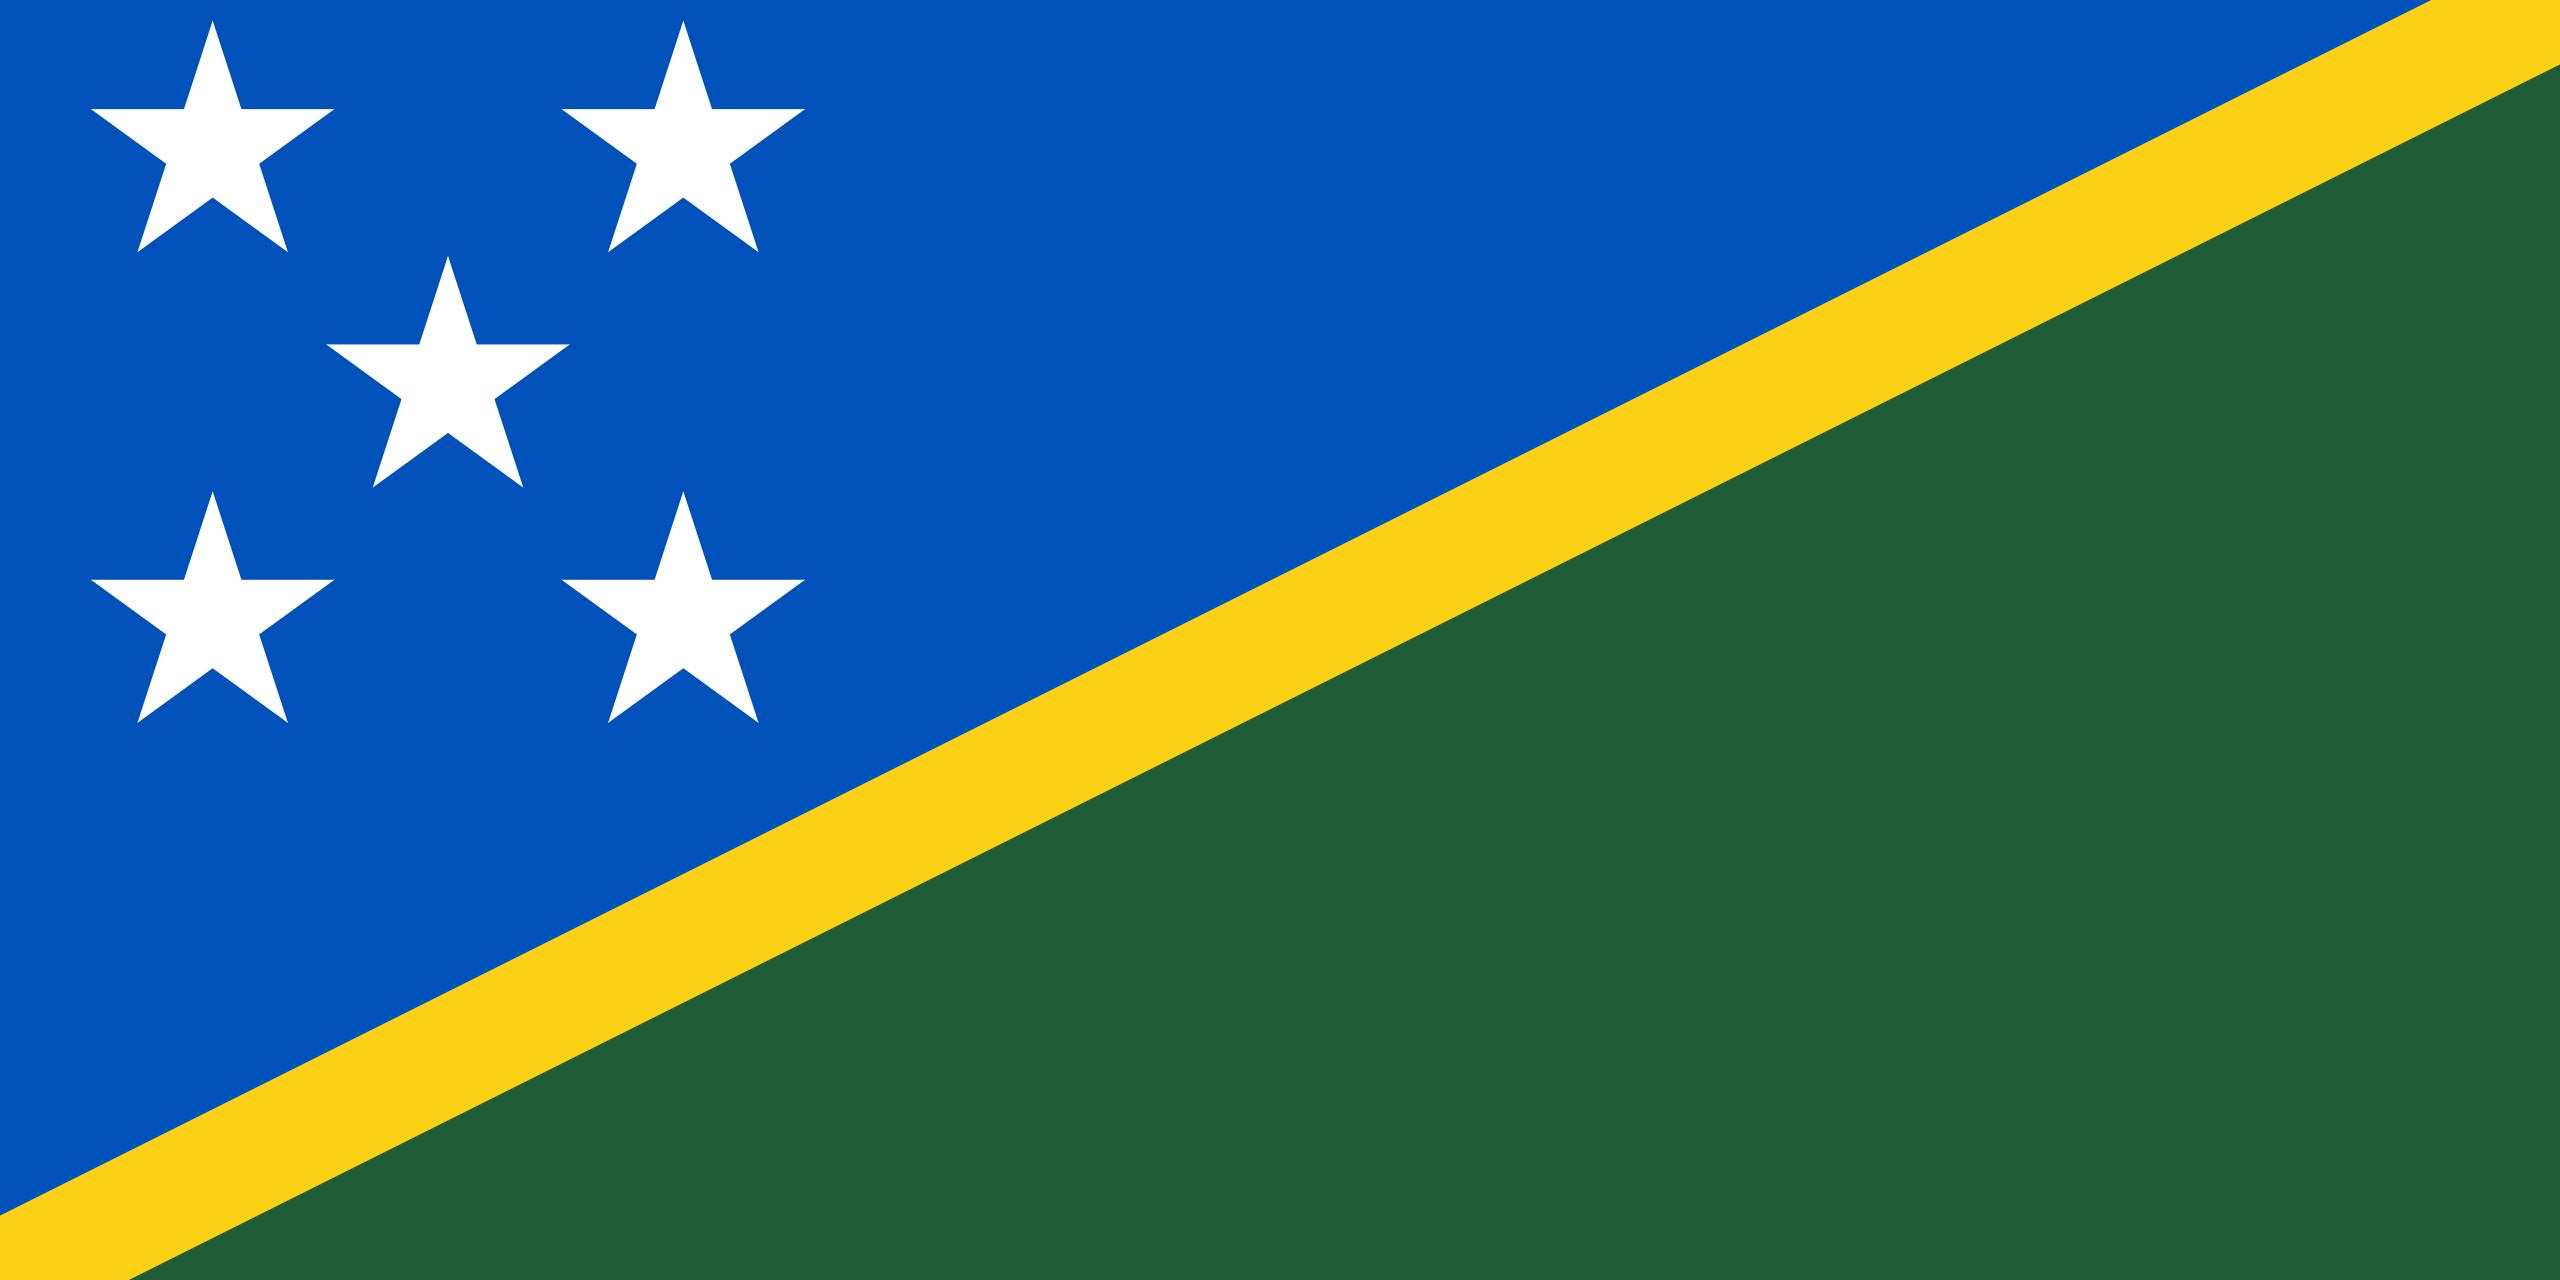 Îles Salomon, pays, emblème, logo, symbole - Fonds d'écran HD - Professor-falken.com